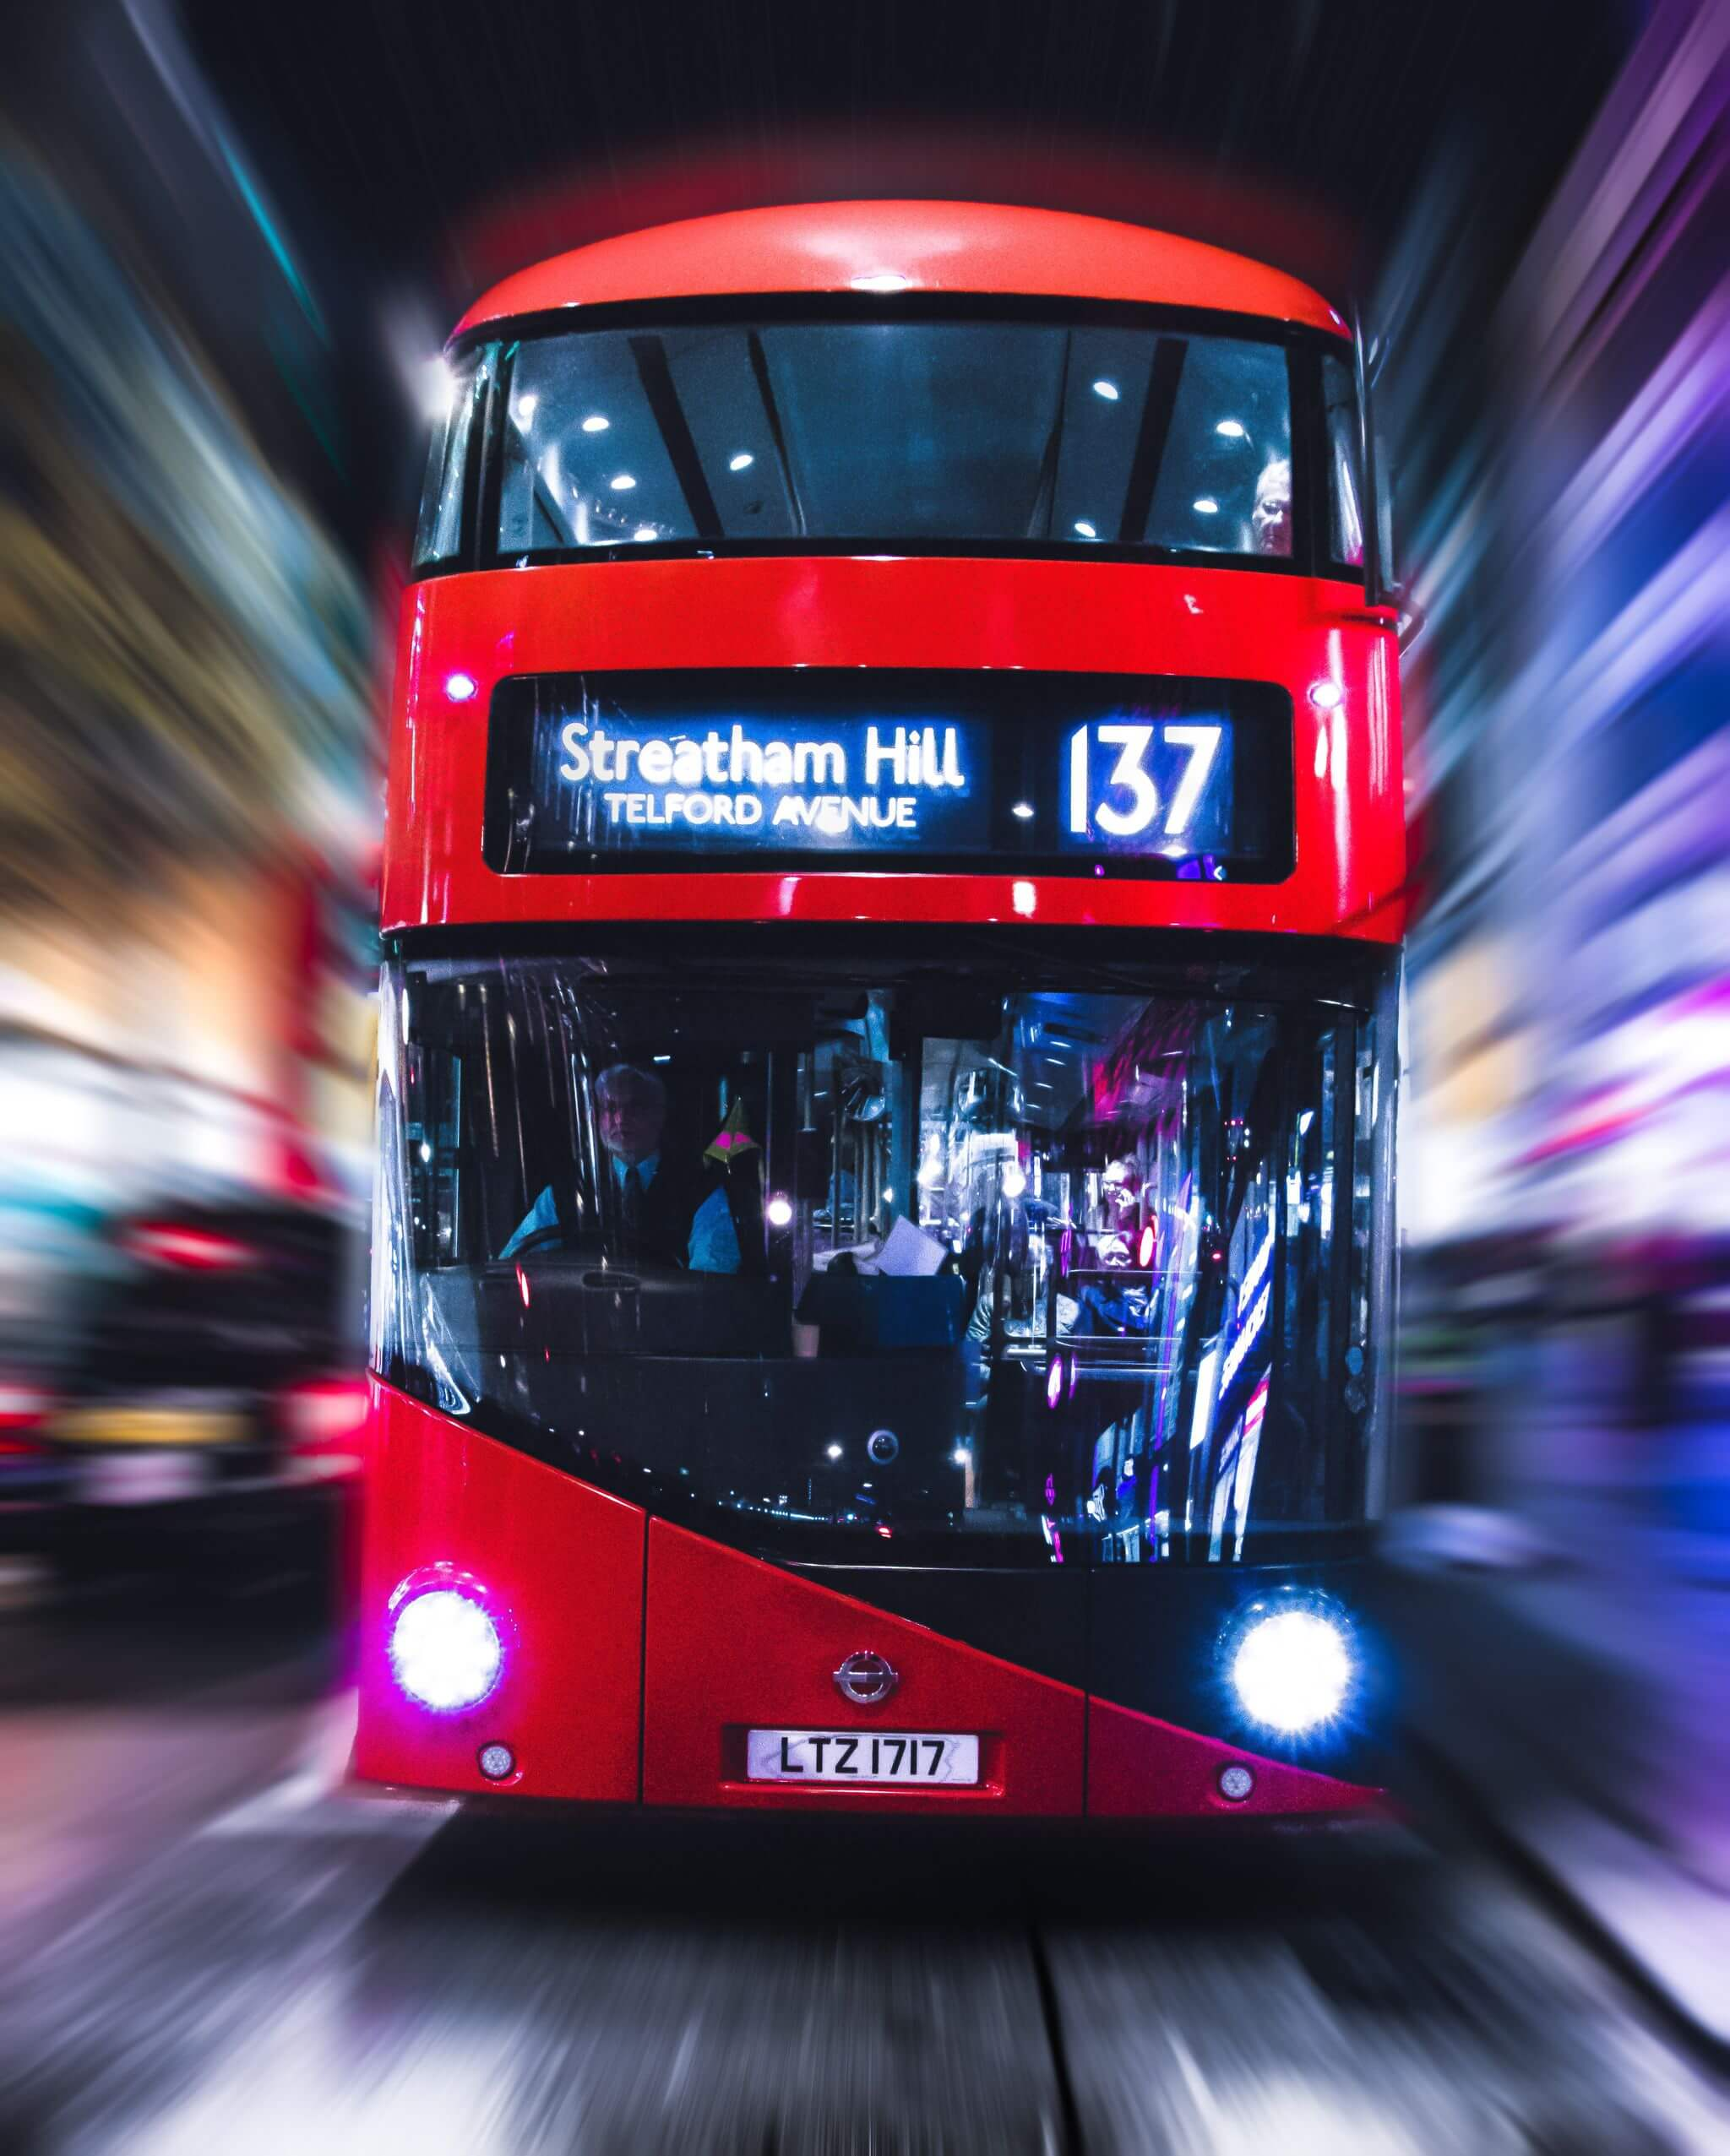 Lovely London Photo Inspiration